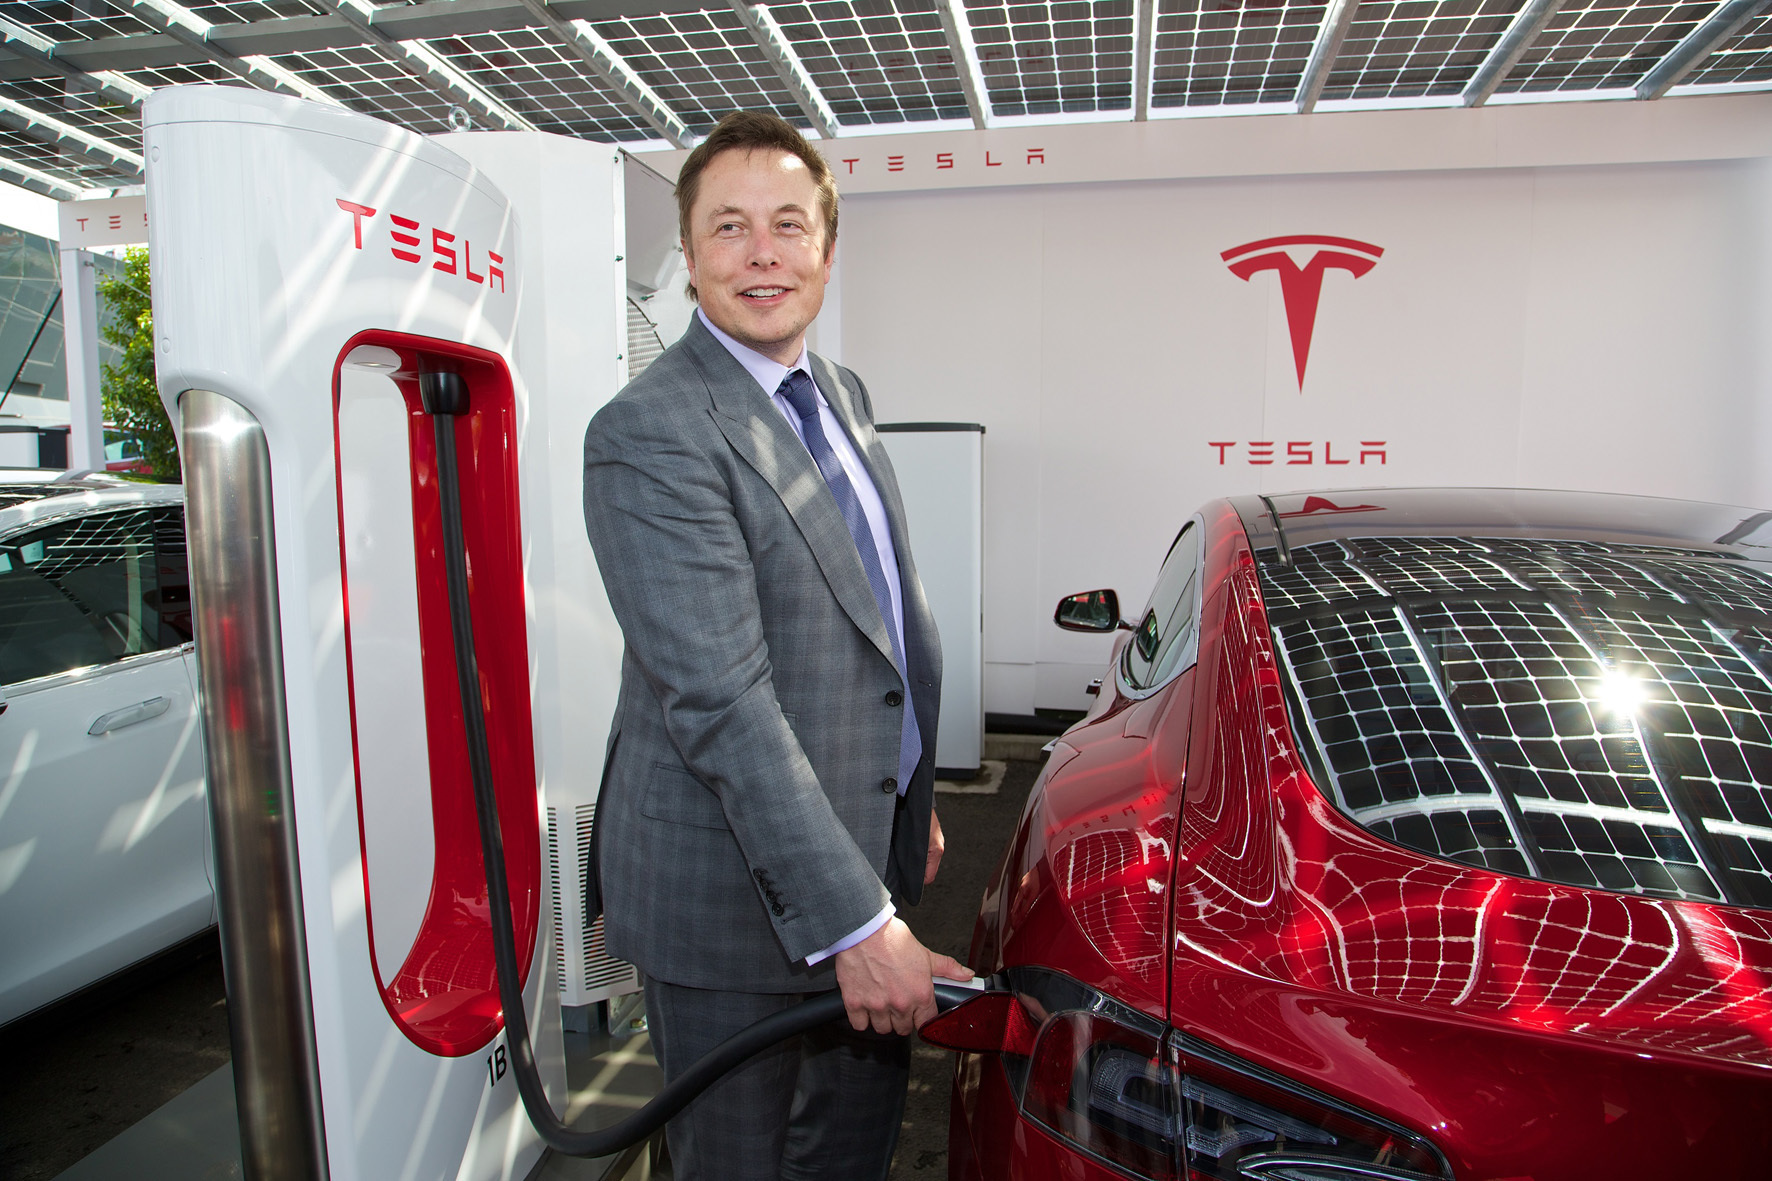 mid Düsseldorf - Gerüchten zufolge soll Apple die Übernahme von E-Auto-Pionier Tesla erwogen haben.